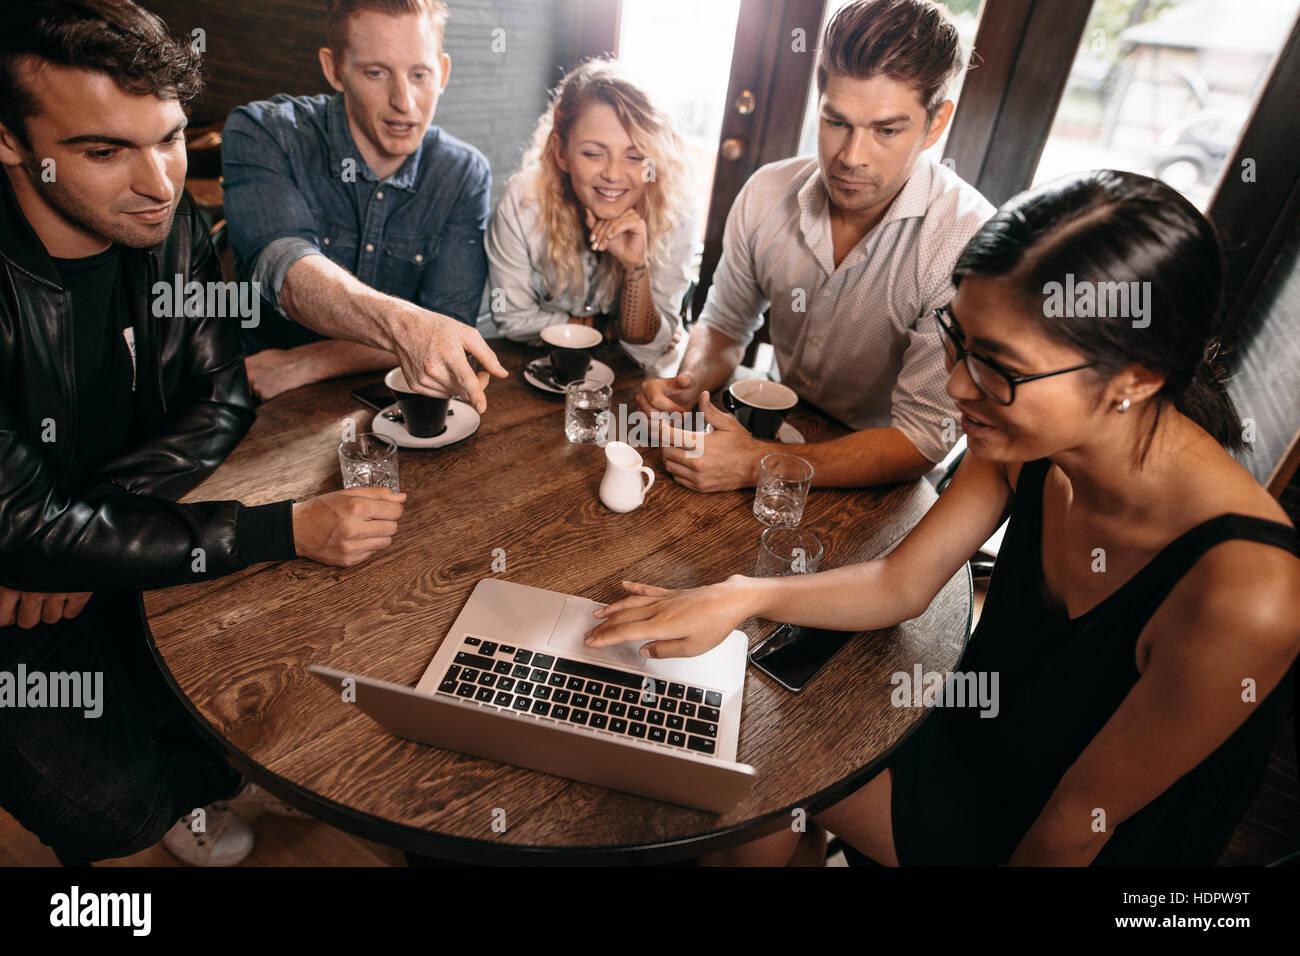 Diversos grupos de amigos sentados juntos en el café con el hombre apuntando a la portátil. Cinco jóvenes Imagen De Stock